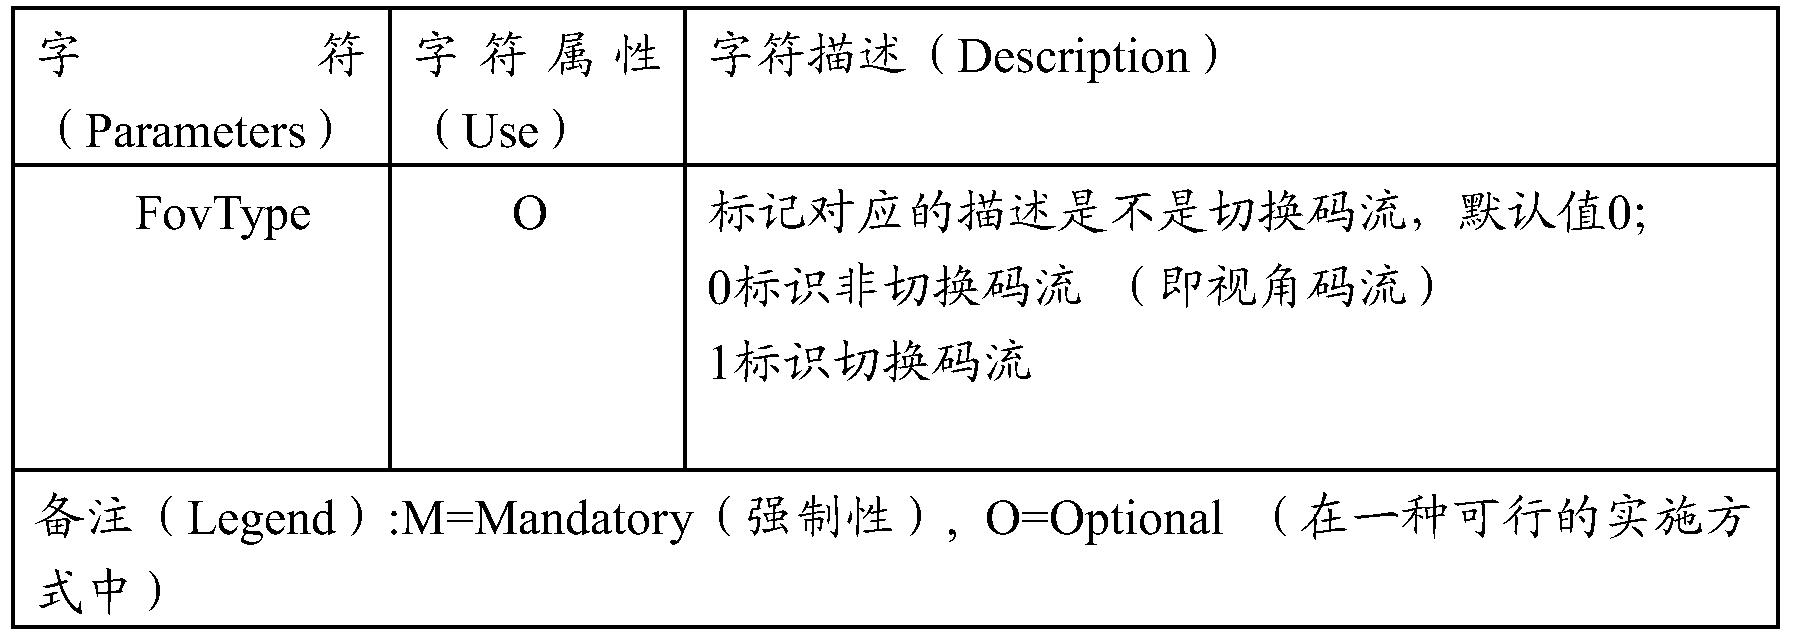 Figure PCTCN2017086548-appb-000006